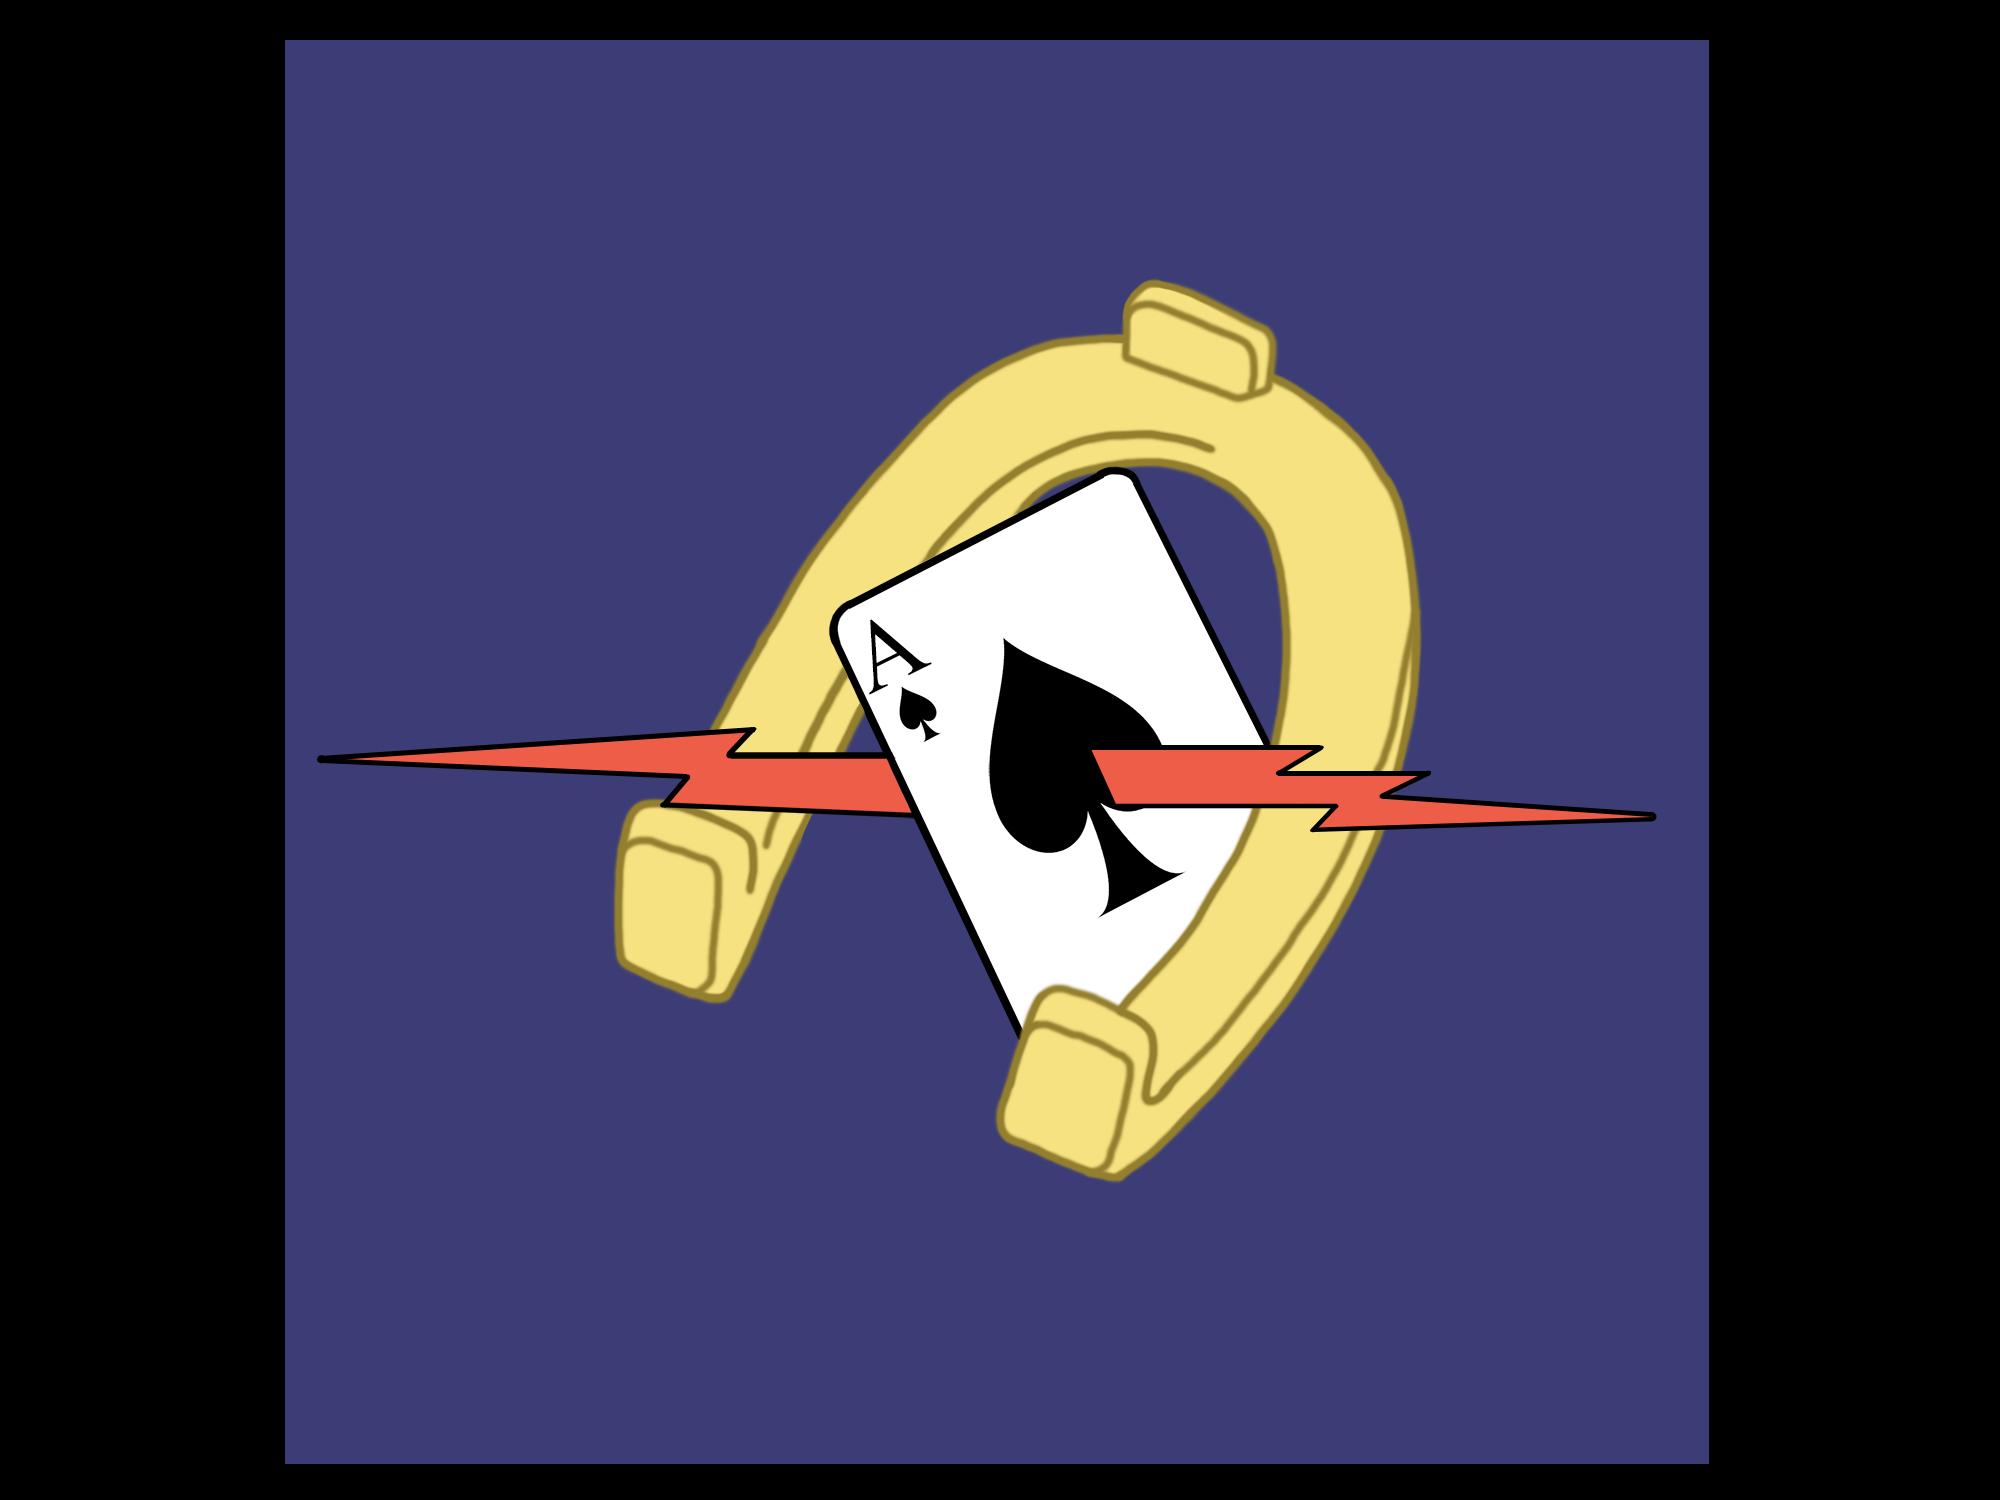 83rd Fighter Squadron Insignia